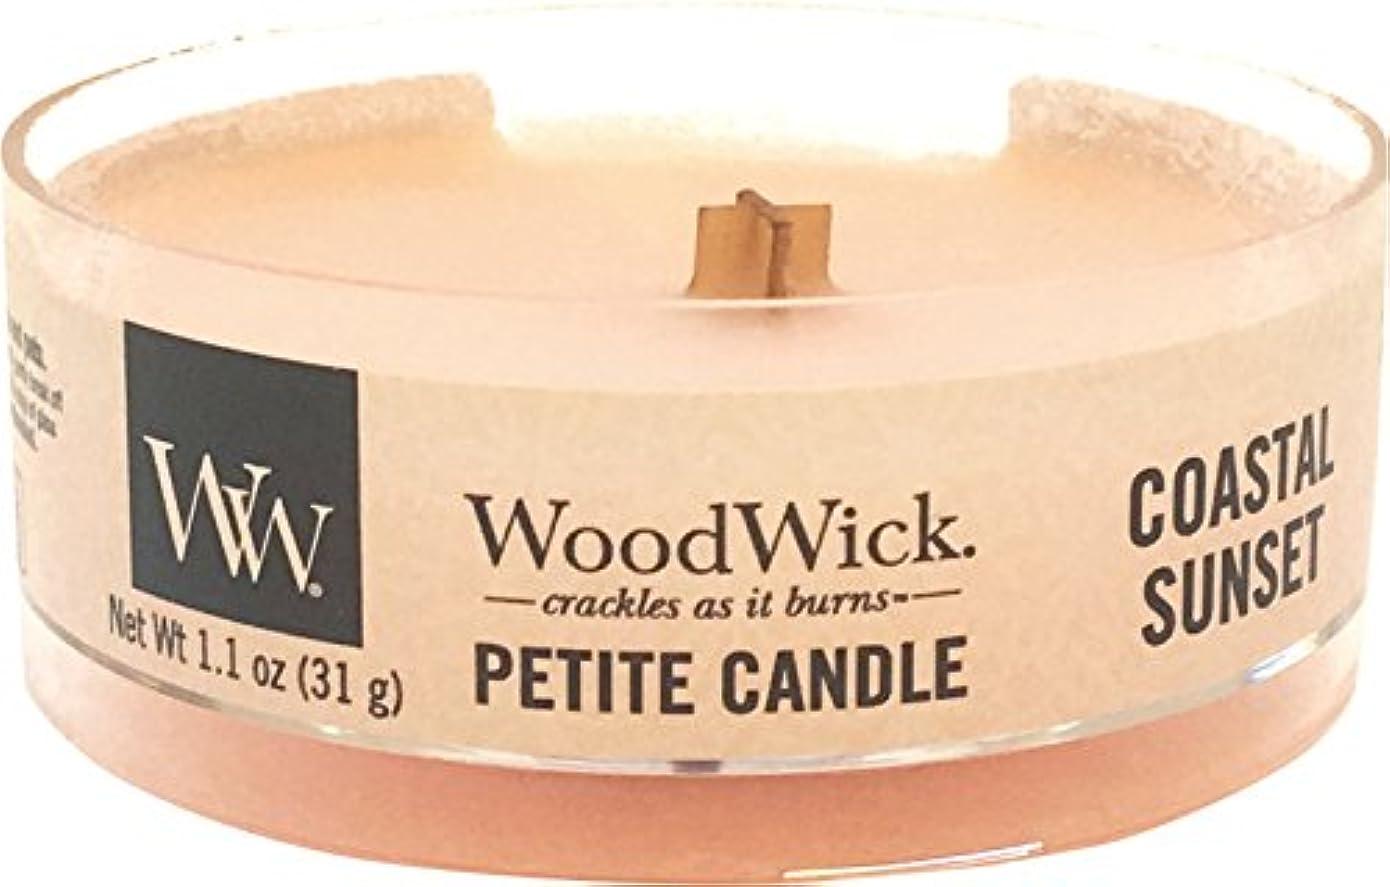 項目ステレオタイプ切るWood Wick ウッドウィック プチキャンドル コースタルサンセット